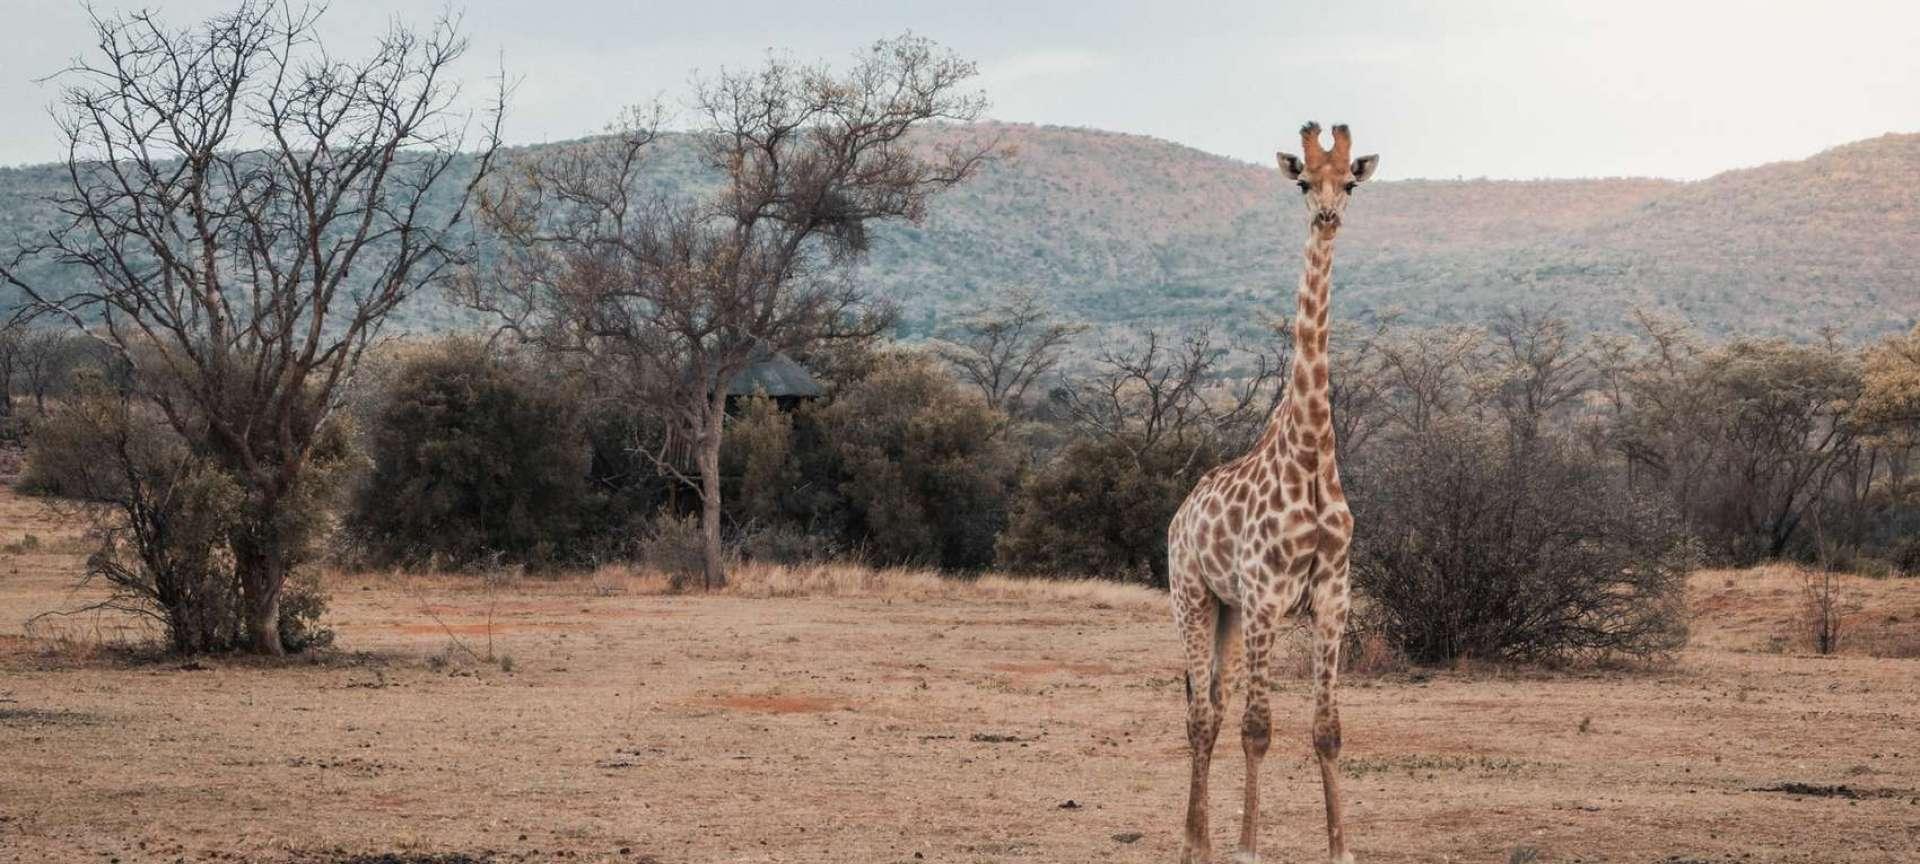 Limpopo - Africa Wildlife Safaris